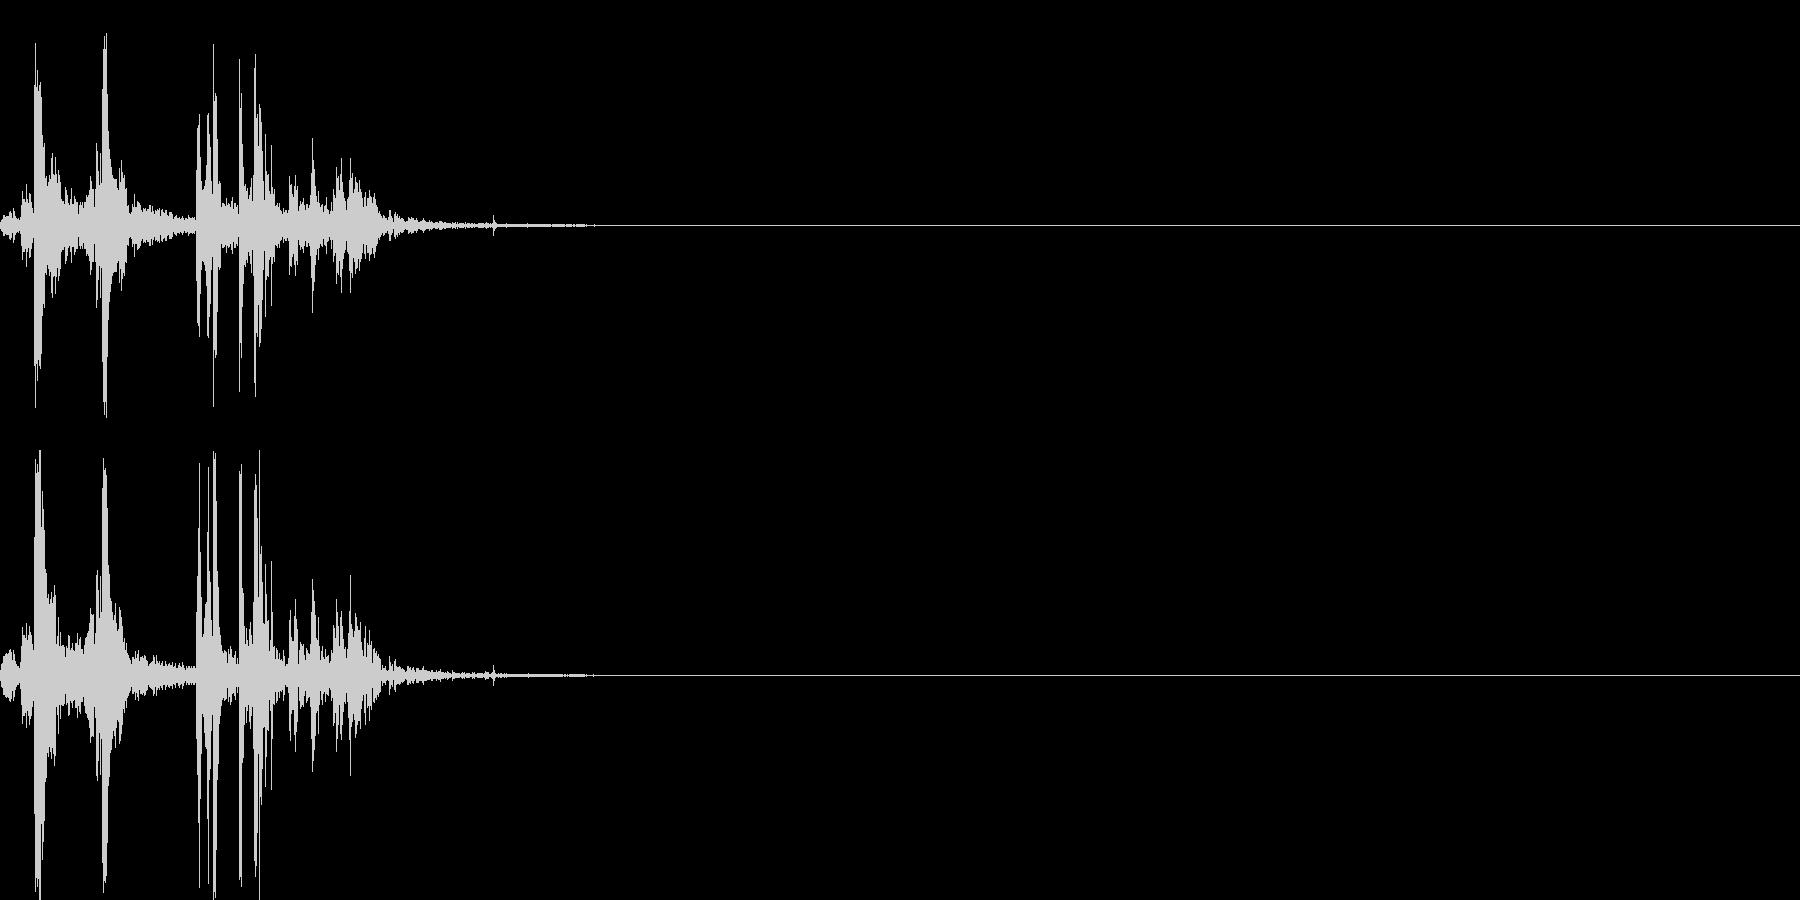 スナック菓子食べる音(ポテトチップ)01の未再生の波形